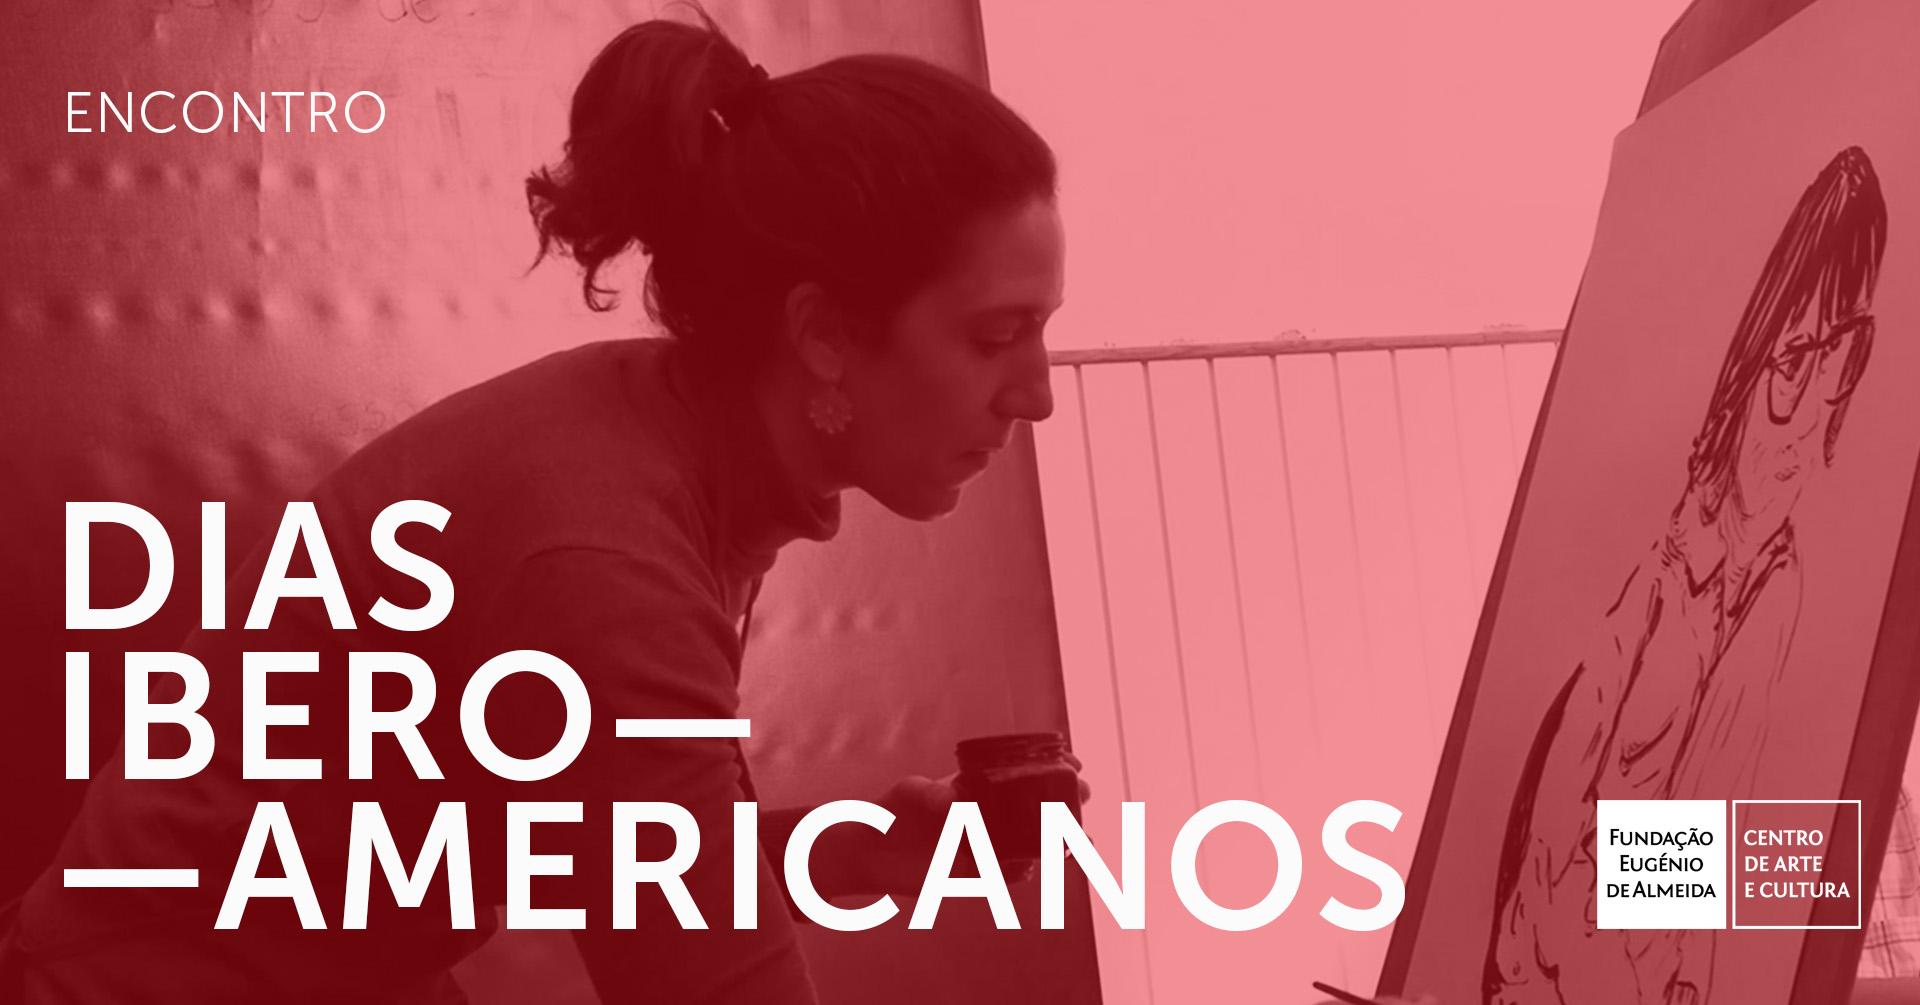 DIAS IBERO-AMERICANOS | Encontro com Renata Bueno